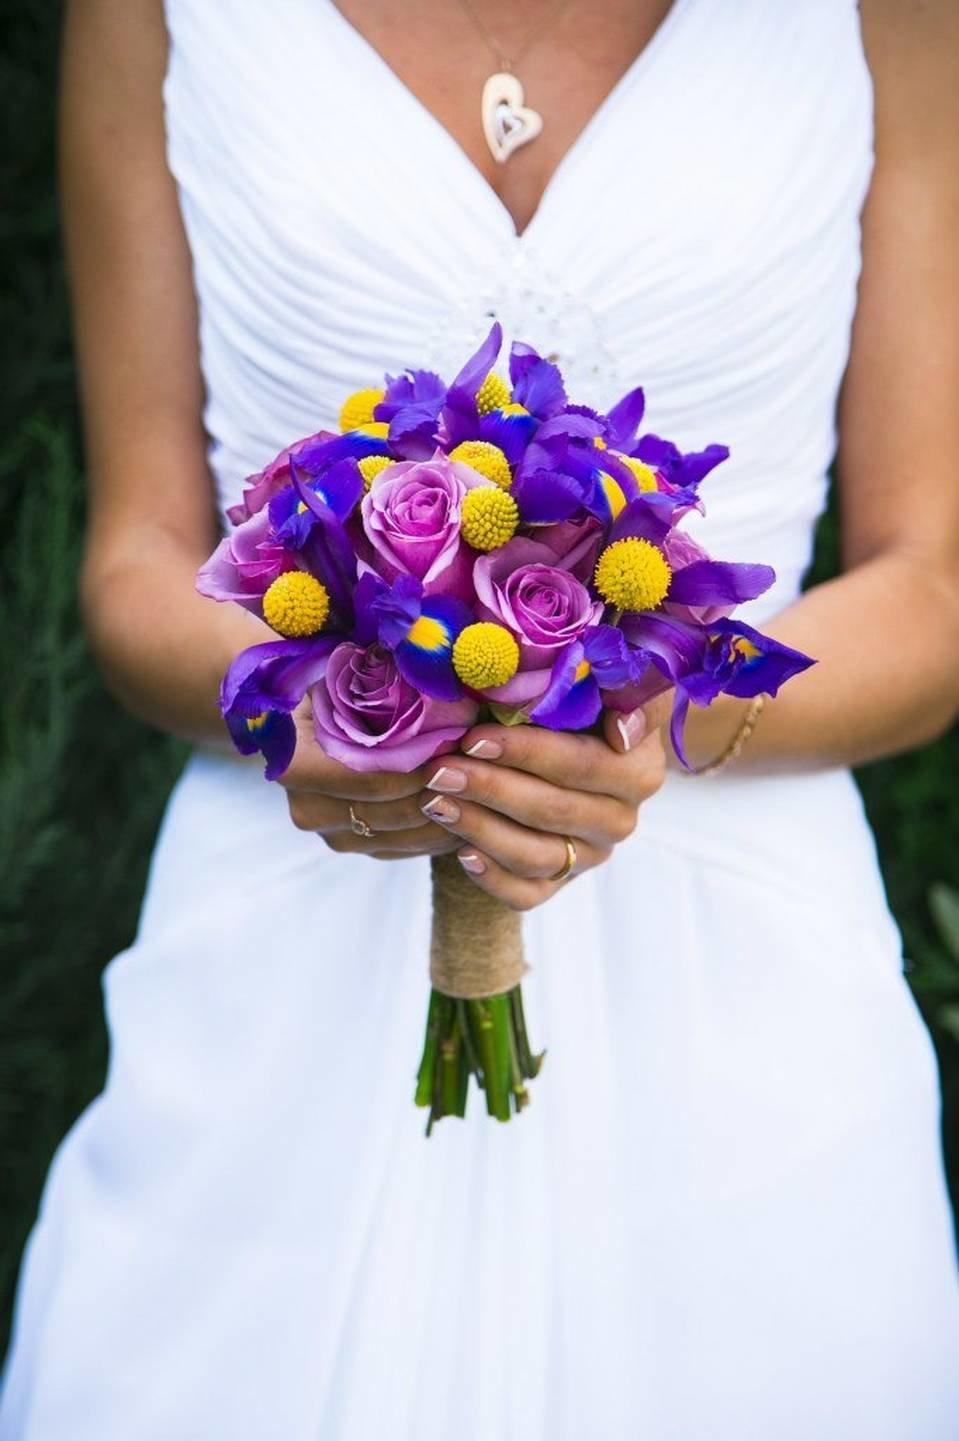 Цветов, екатеринбург дешево свадебные букеты ирисы фото